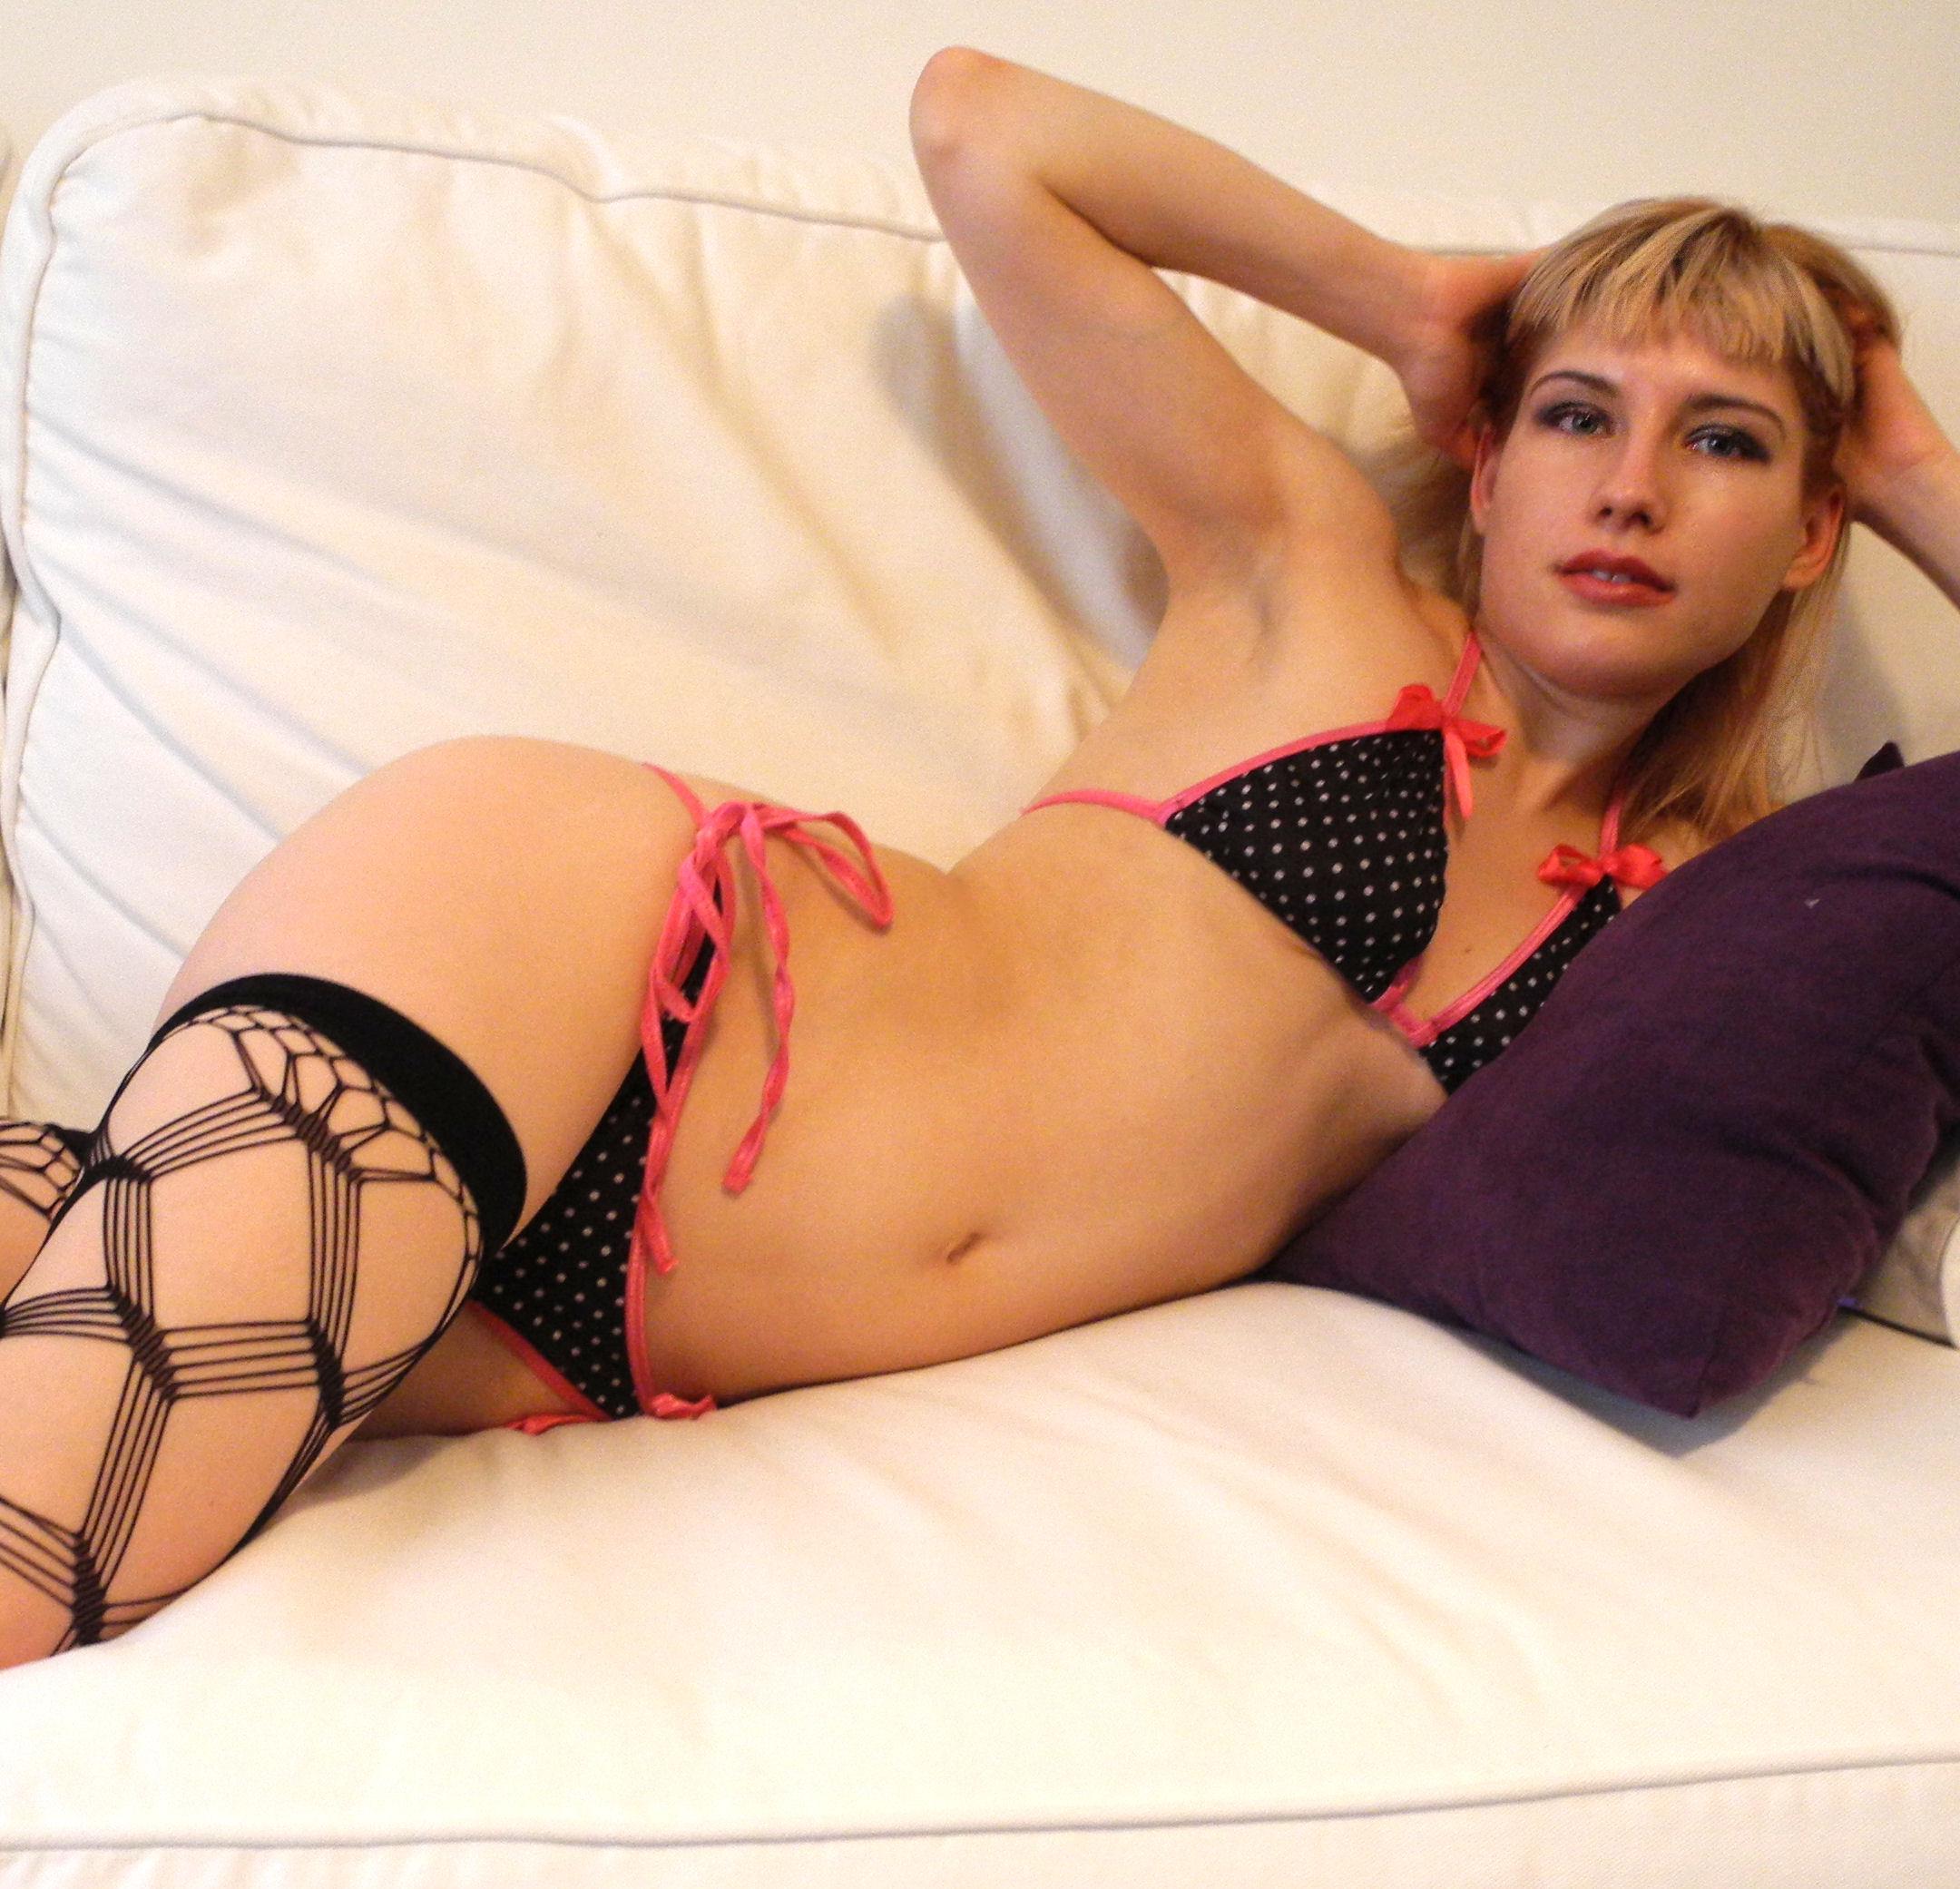 Jetzt Mitglied im privaten Pornoclub von Tina Ferreira werden